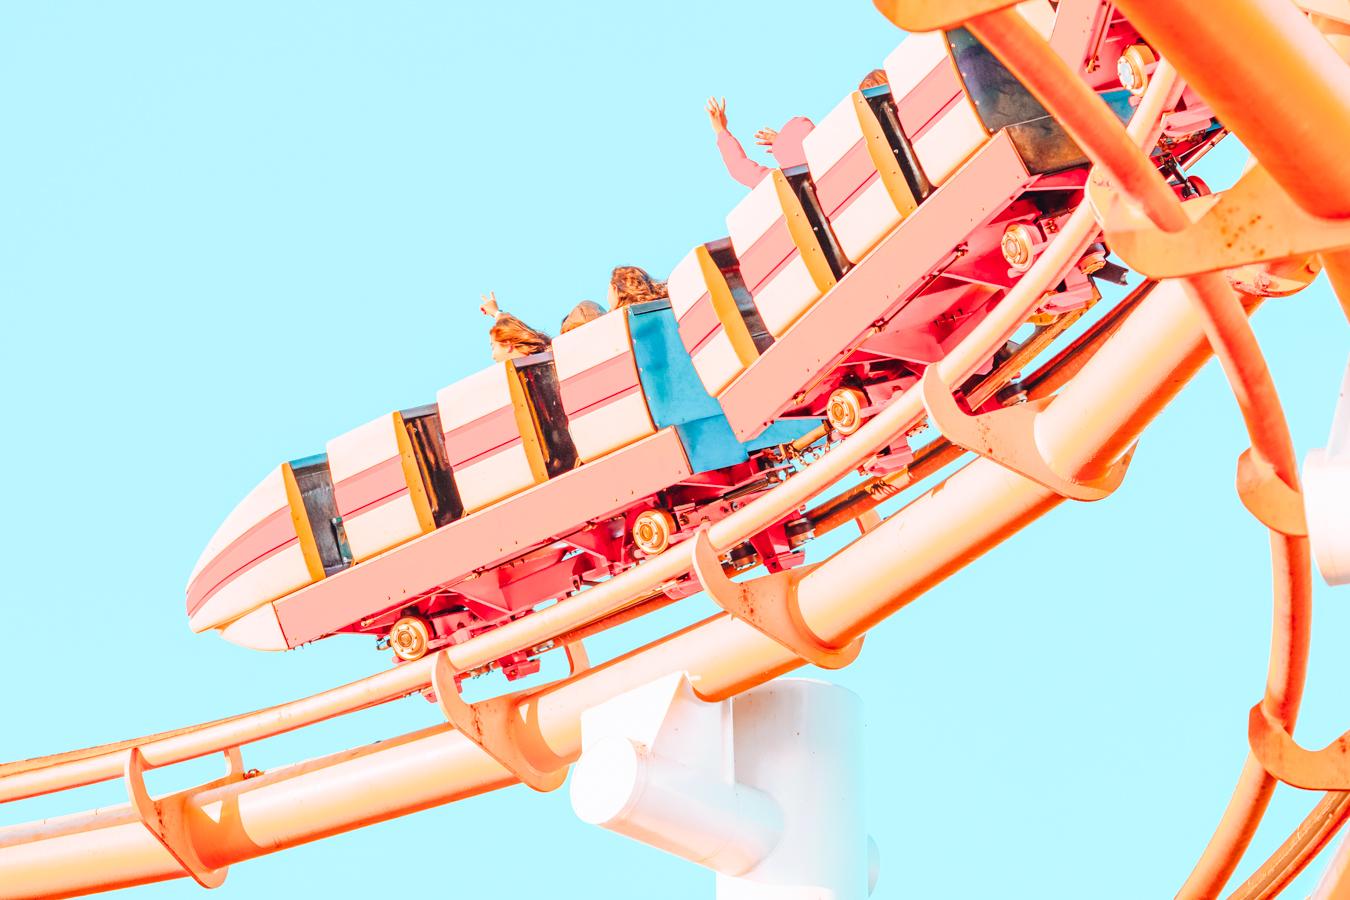 Roller coaster at Santa Monica Pier in Los Angeles